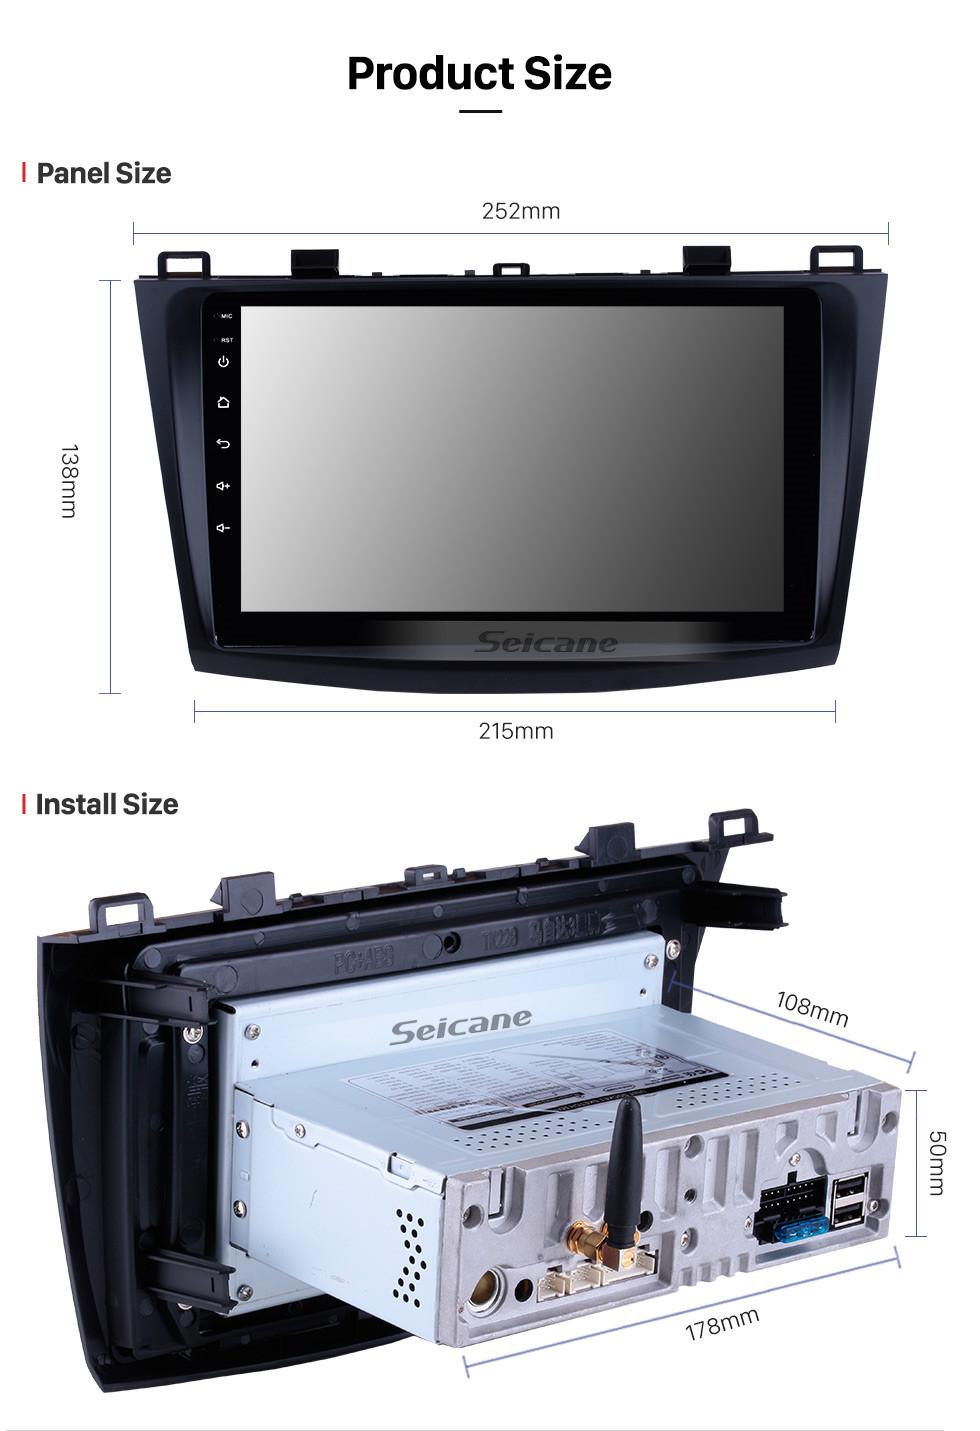 Seicane 9 pulgadas 2009-2012 Mazda 3 Axela HD Pantalla táctil Sistema de navegación GPS Android 9.0 Soporte Bluetooth Cámara trasera Control del volante DVR OBD II